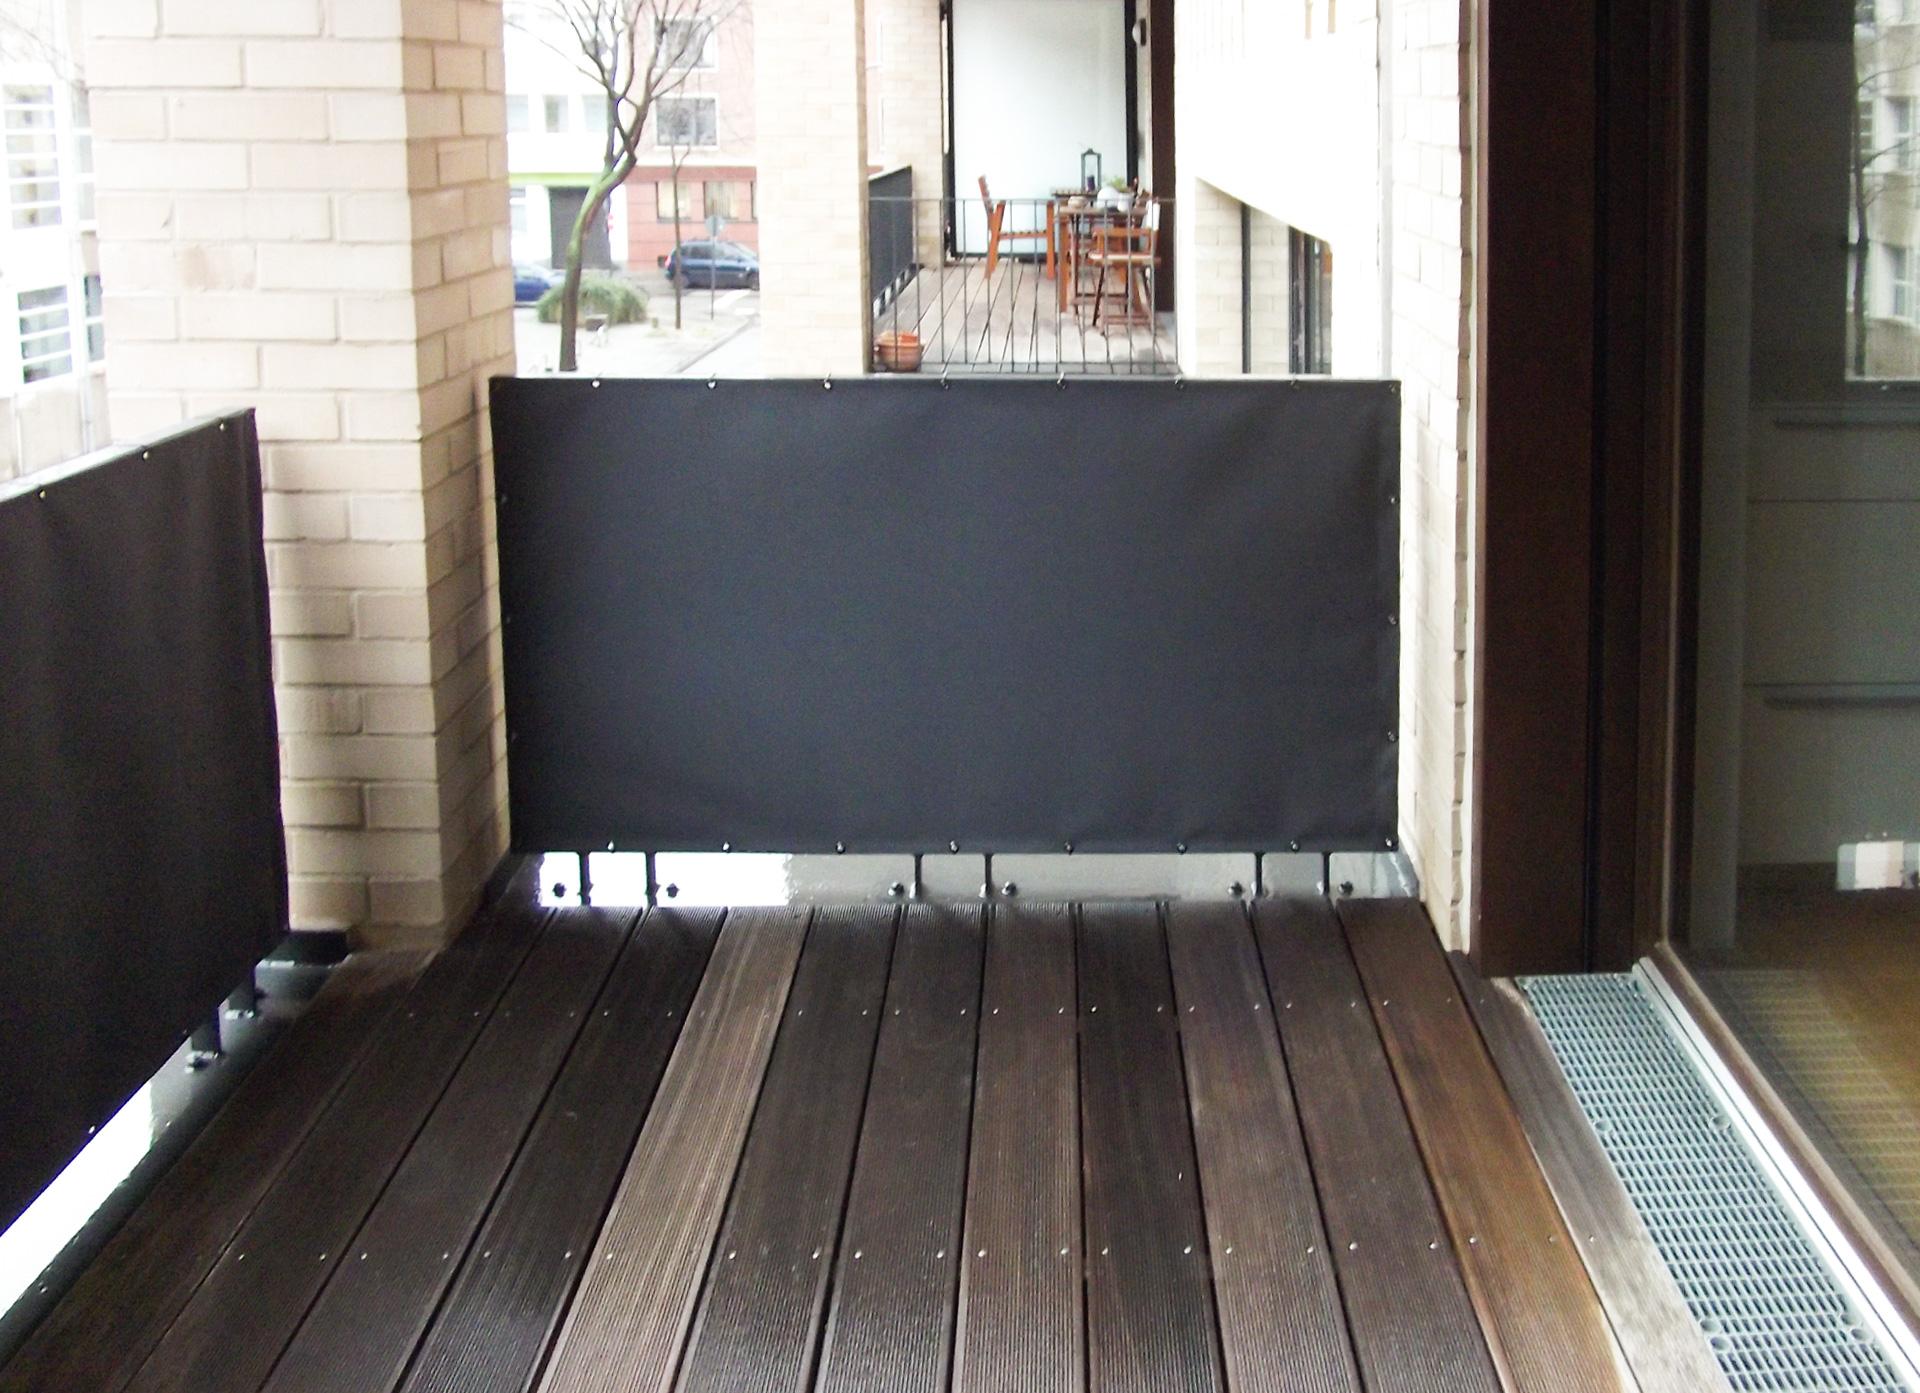 Balkonbespannung Raumausstattung Silko Schuler Koln Nippes